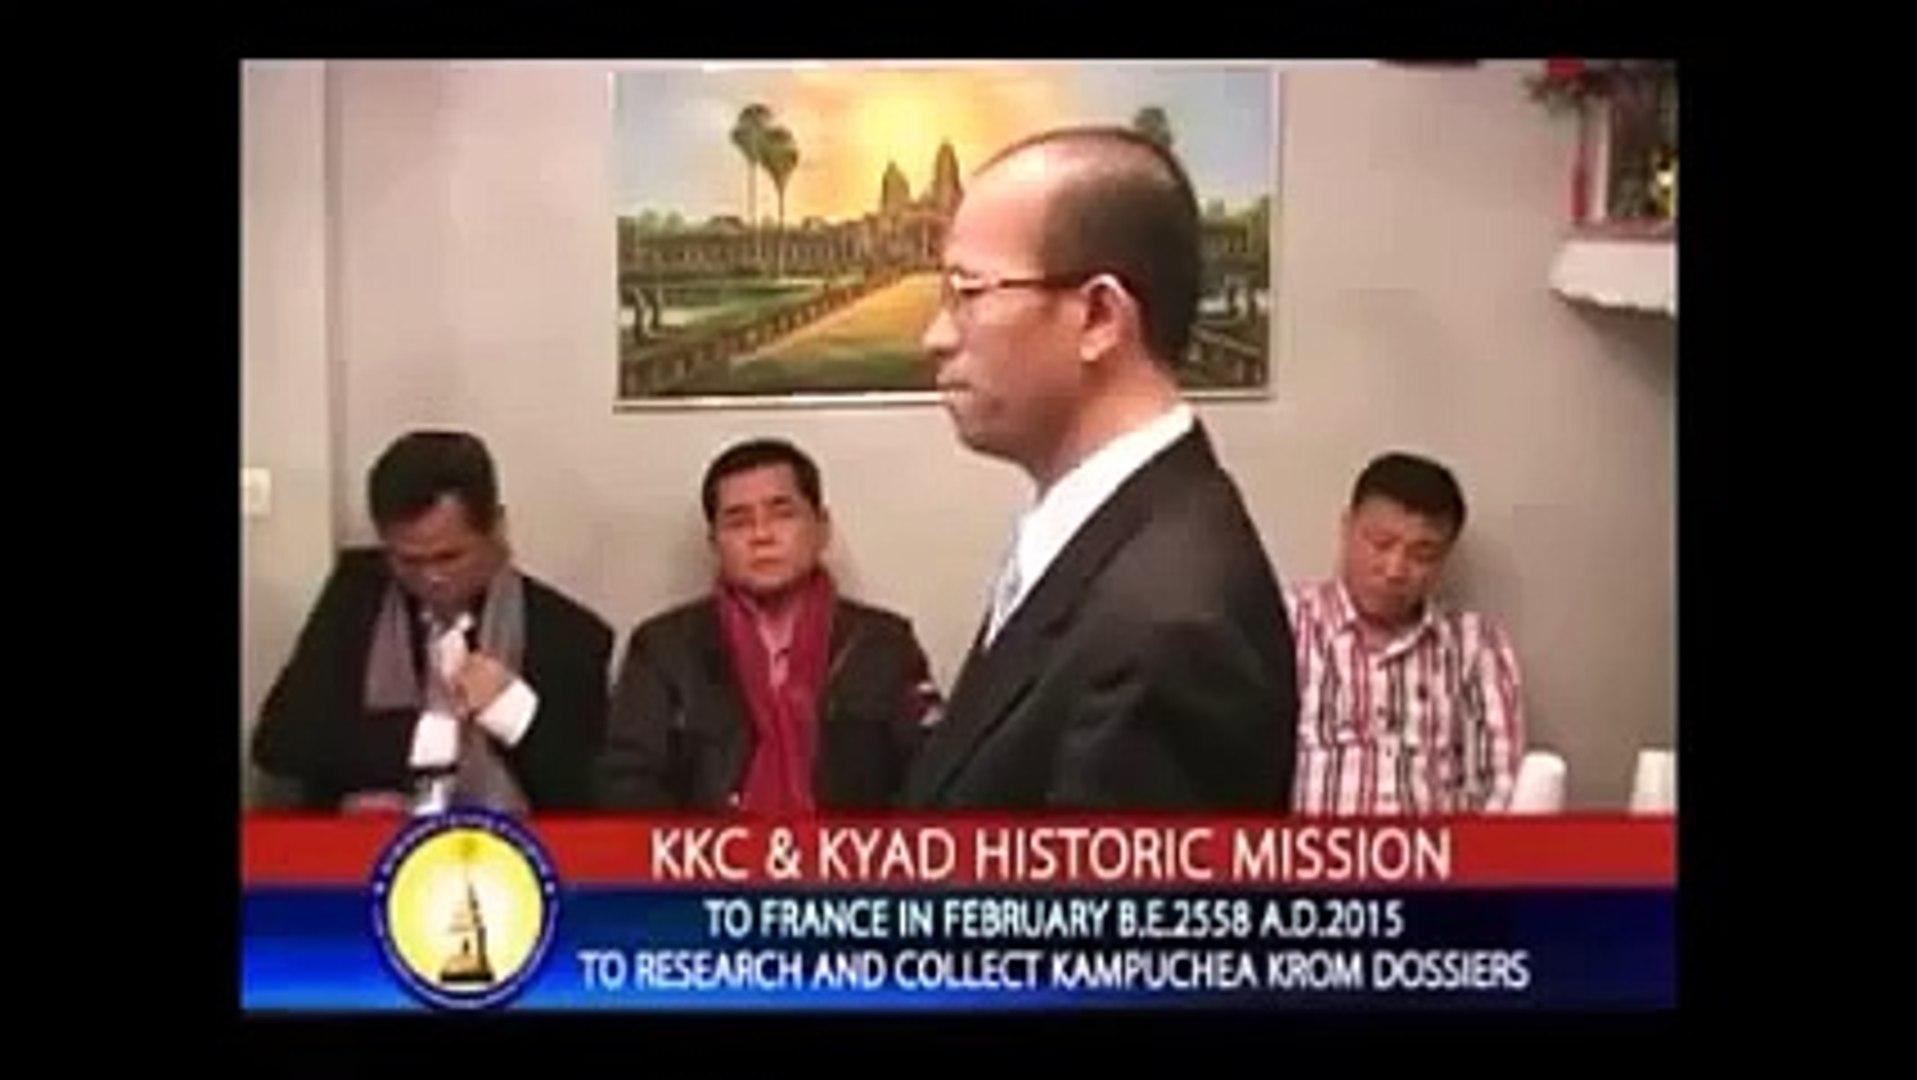 Khmer News TempleNews France 9 13 15 3